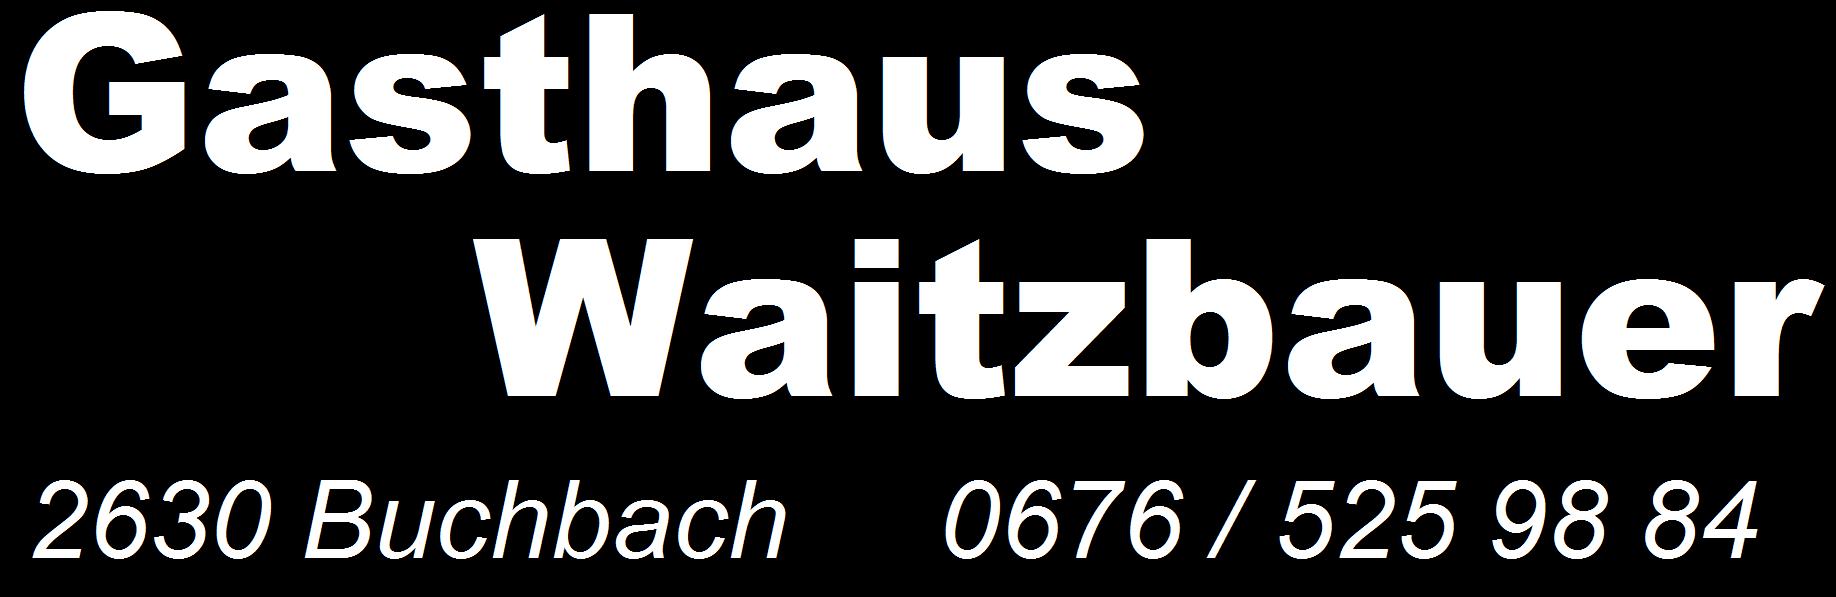 Waitzbauer